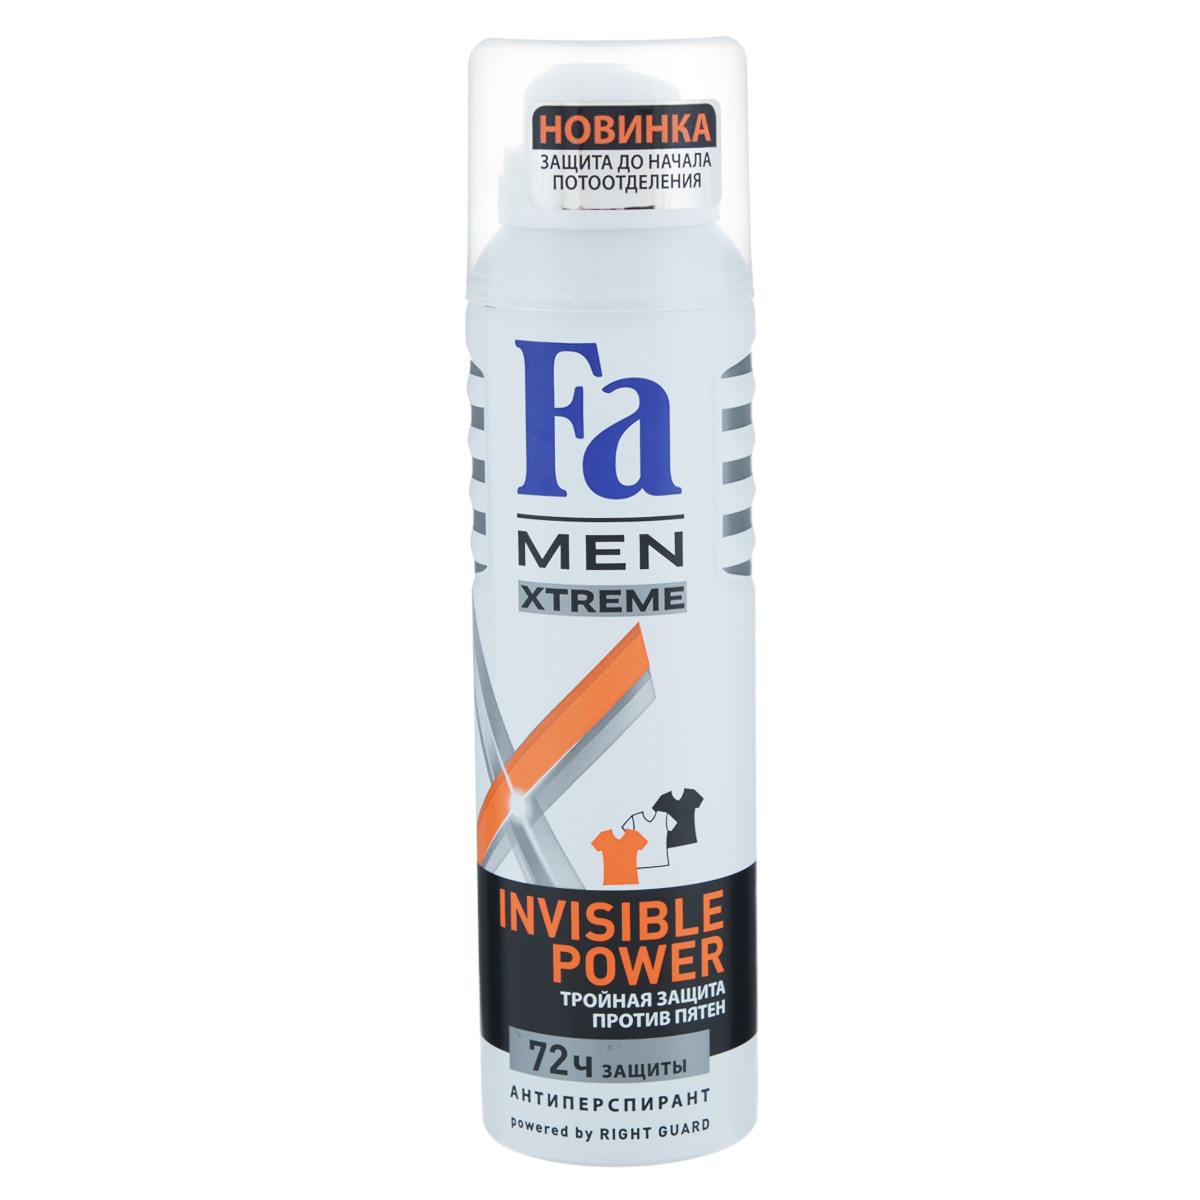 FA MEN Xtreme Дезодорант-аэрозоль Invisible, 150 мл дезодорант аэрозоль fa men xtreme invisible